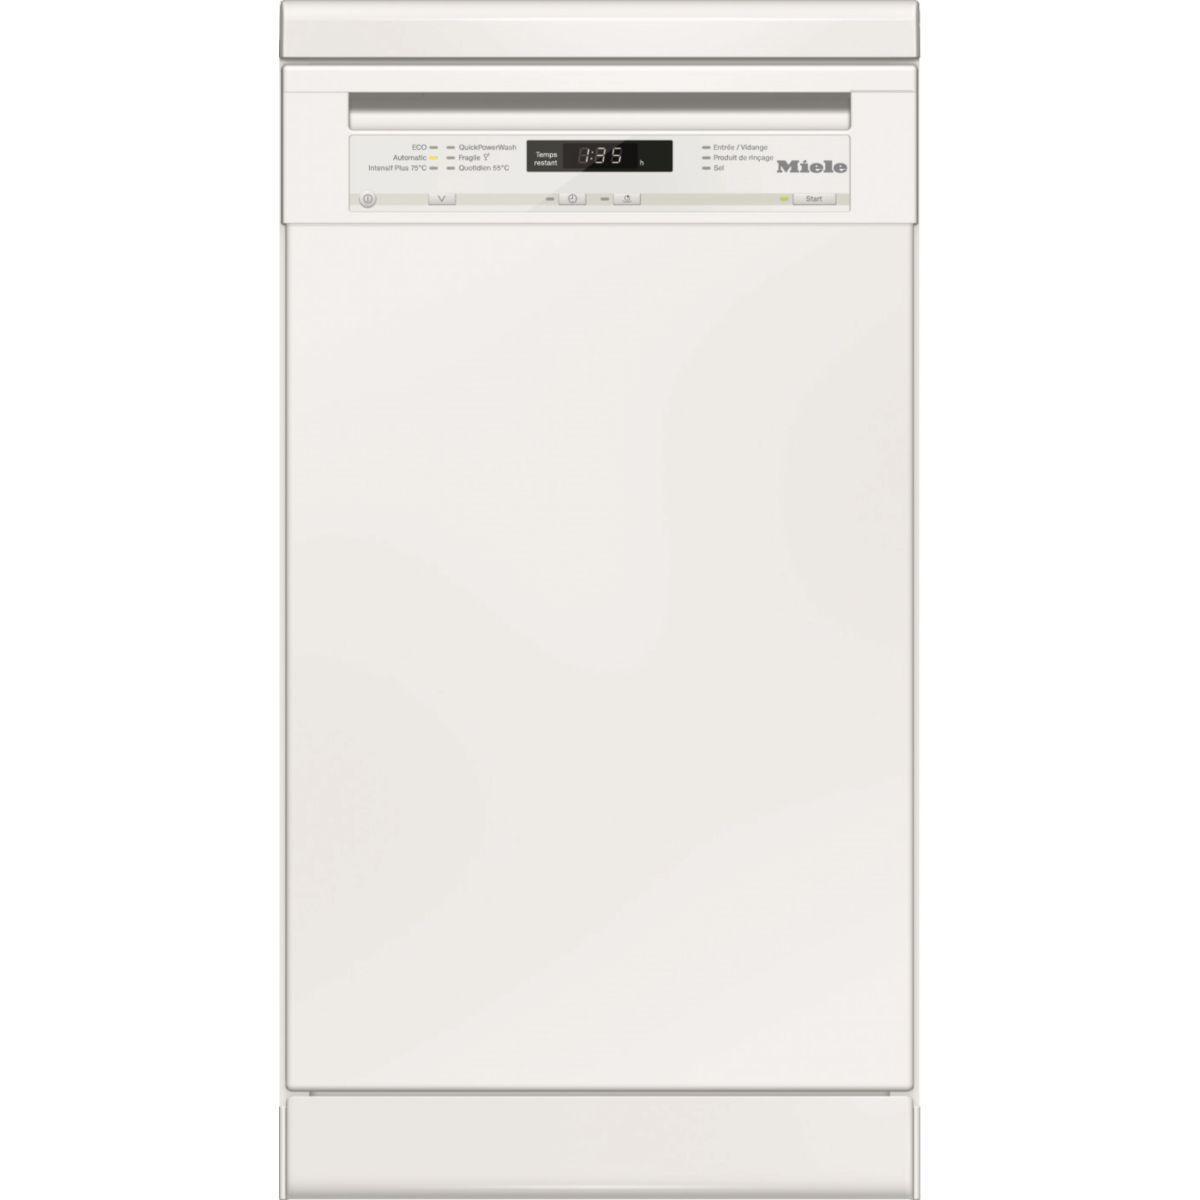 Lave vaisselle 45 cm miele g 4722 sc - livraison offerte : code livprem